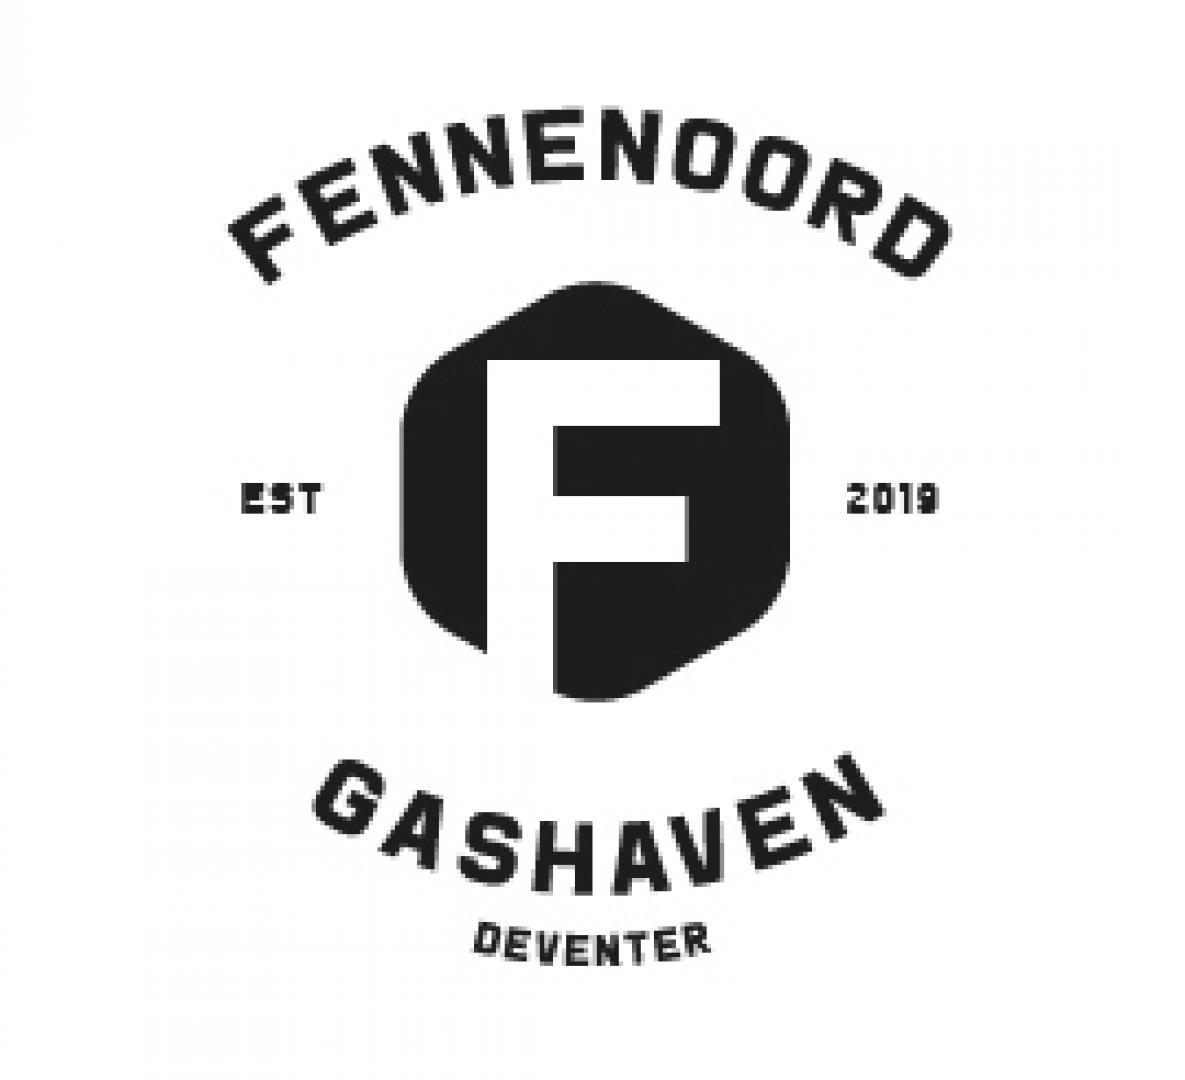 Mestverwerkingsinitiatief Fennenoord Deventer brengt infographic uit